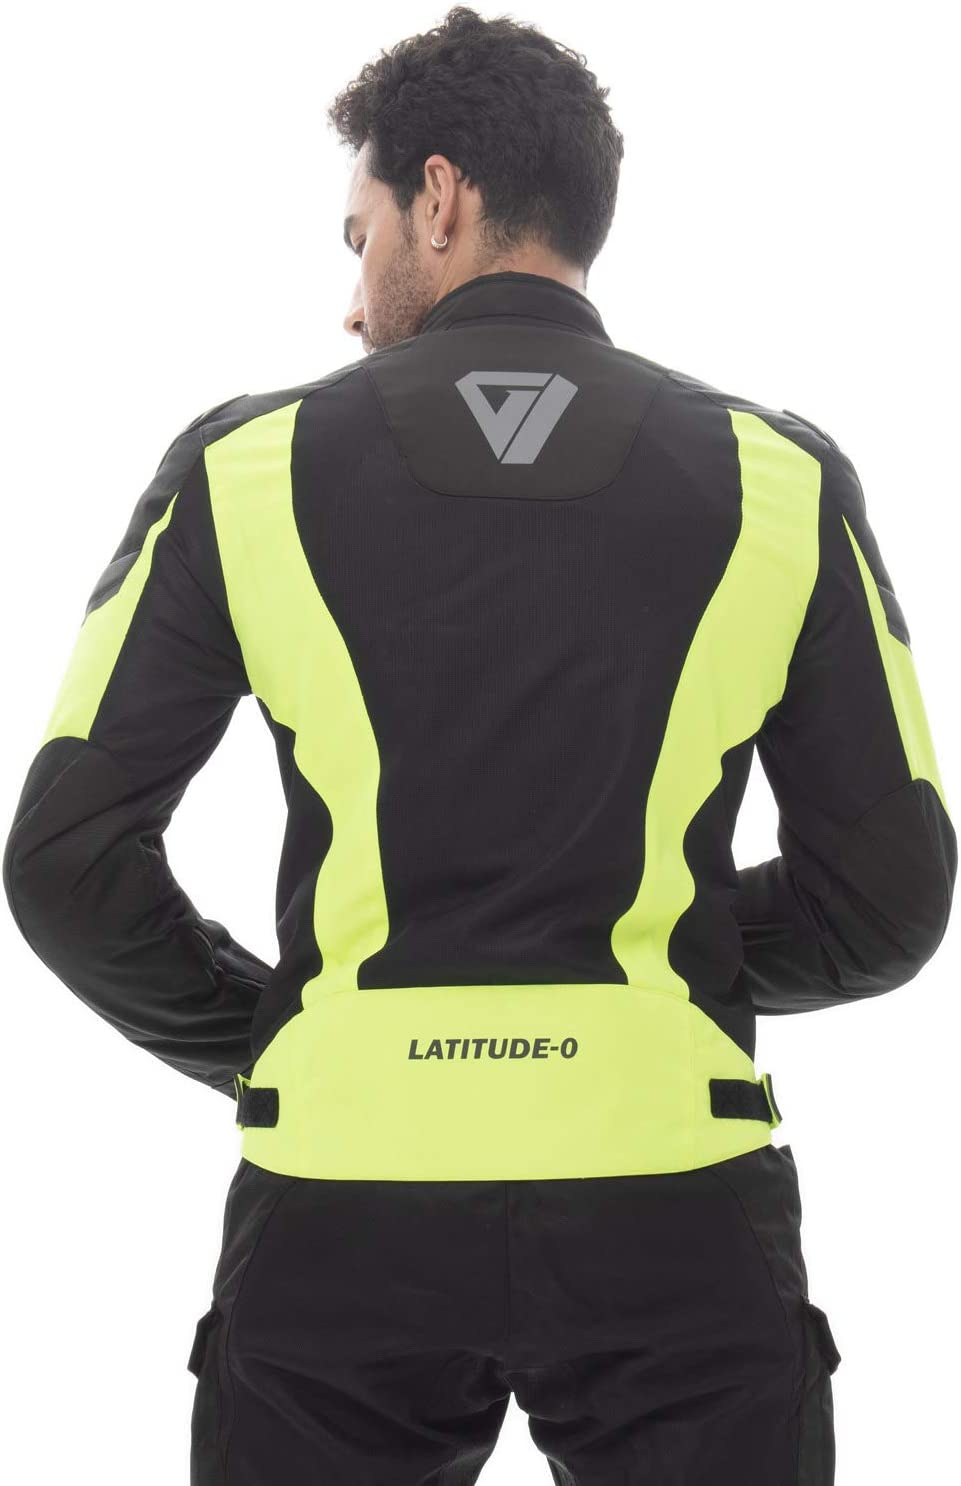 Nerve Shop Leichte D/ünne/Mesh Motorradjacke Latitude-/Roller/Motorrad Jacke Herren Kurze Textil M/änner/Protektorenjacke Sommerjacke Luftdurchl/ässig S schwarz-neon-gr/ün